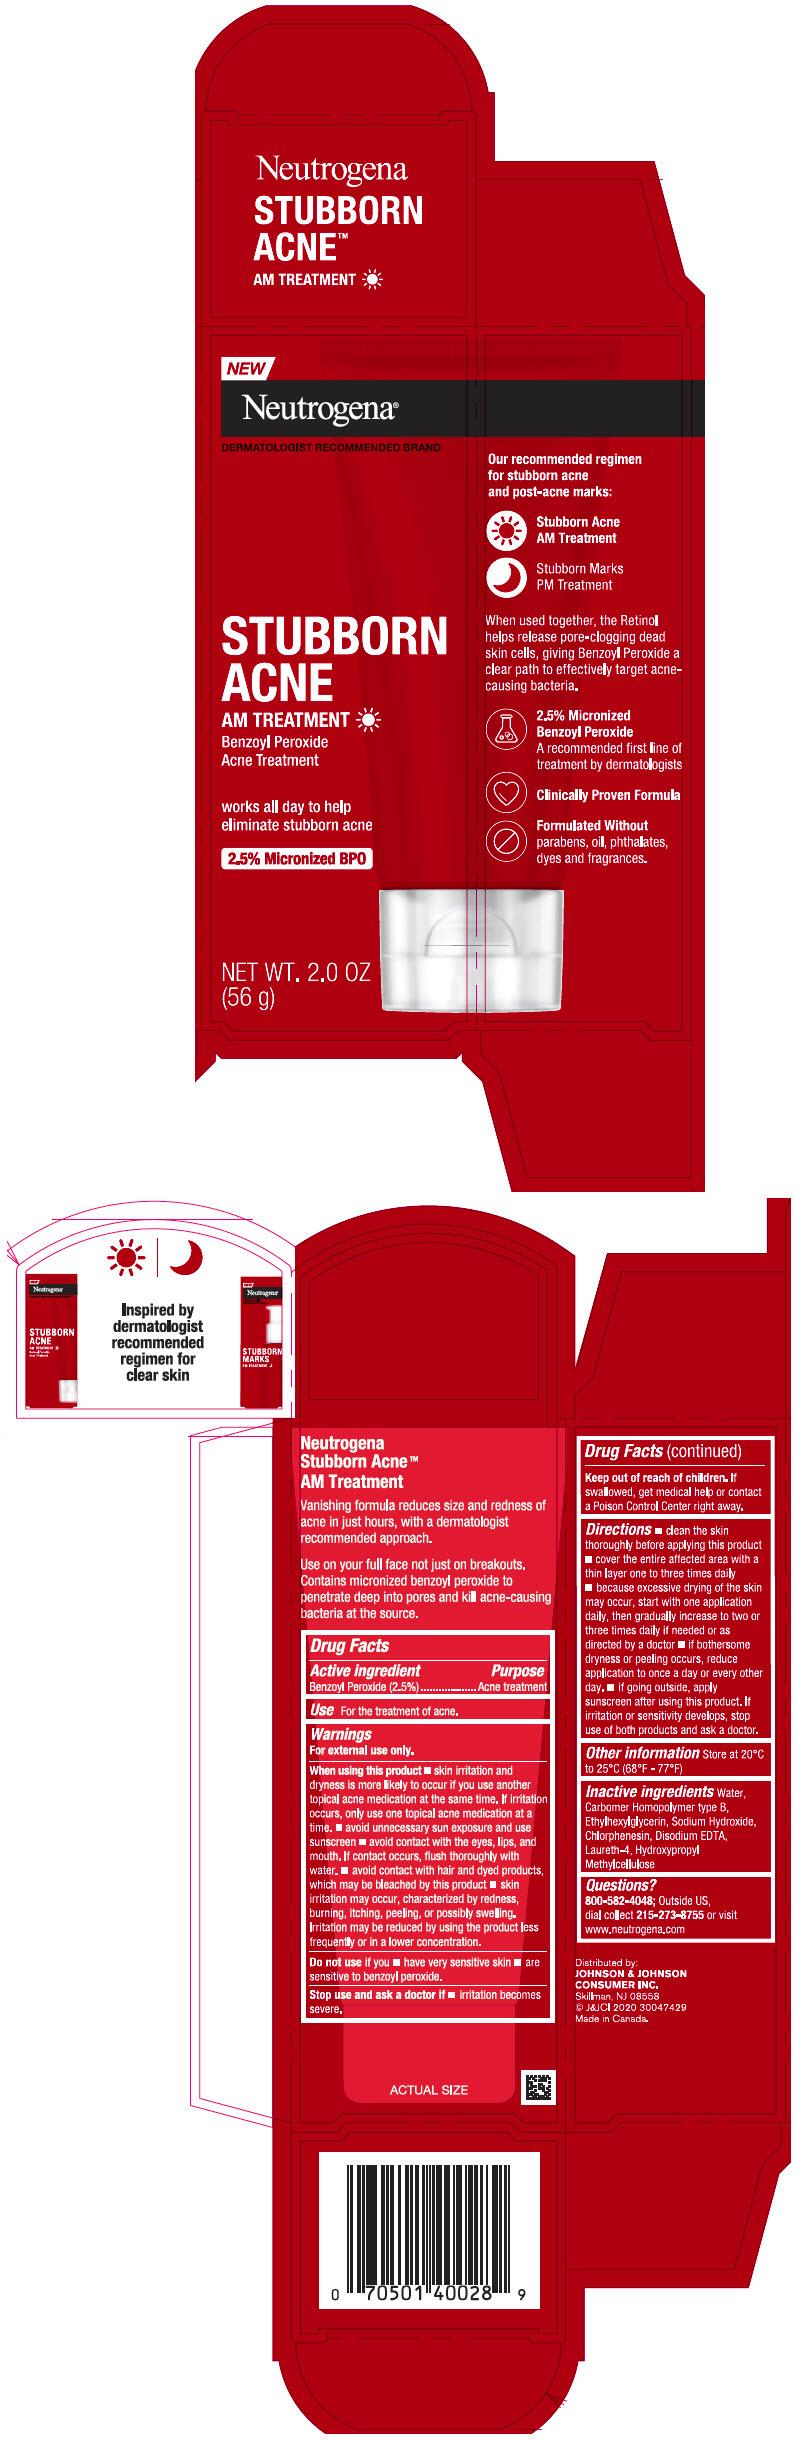 PRINCIPAL DISPLAY PANEL - 56 g Tube Carton